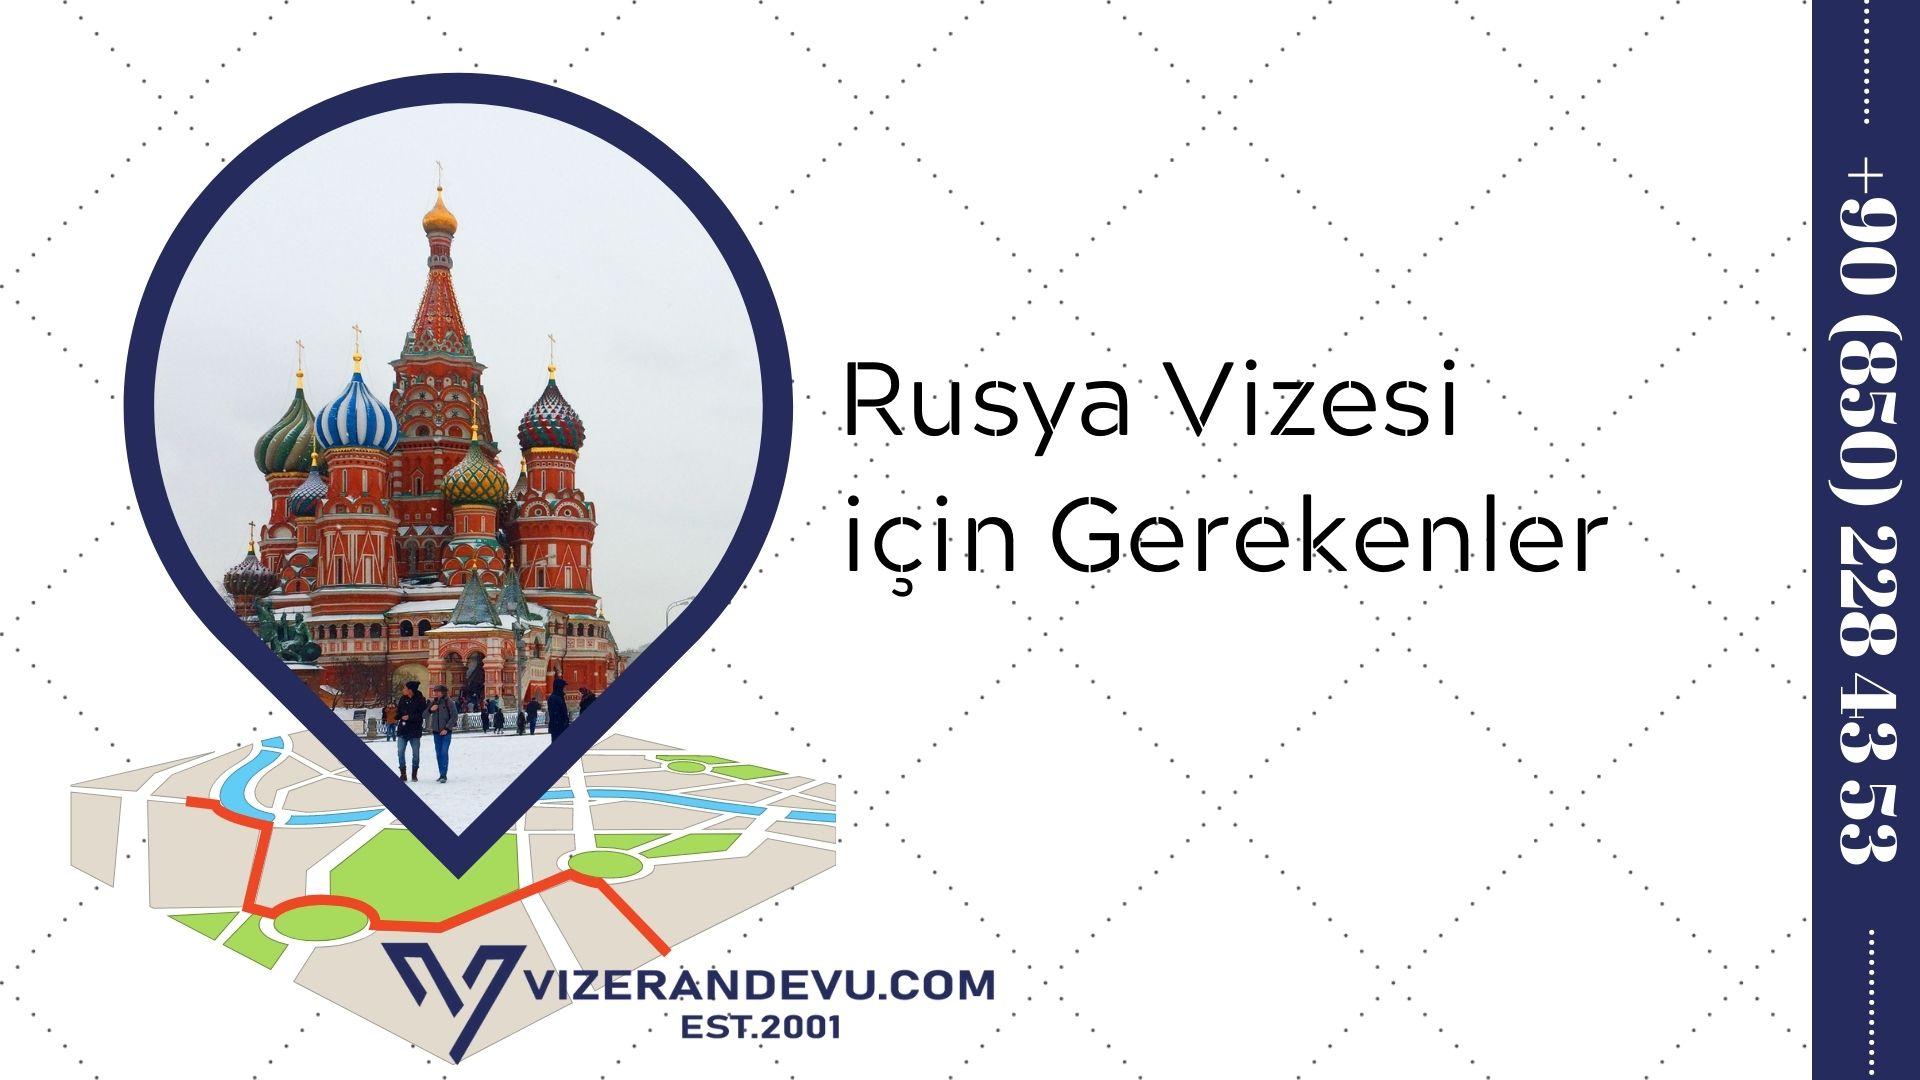 Rusya Vizesi için Gerekenler